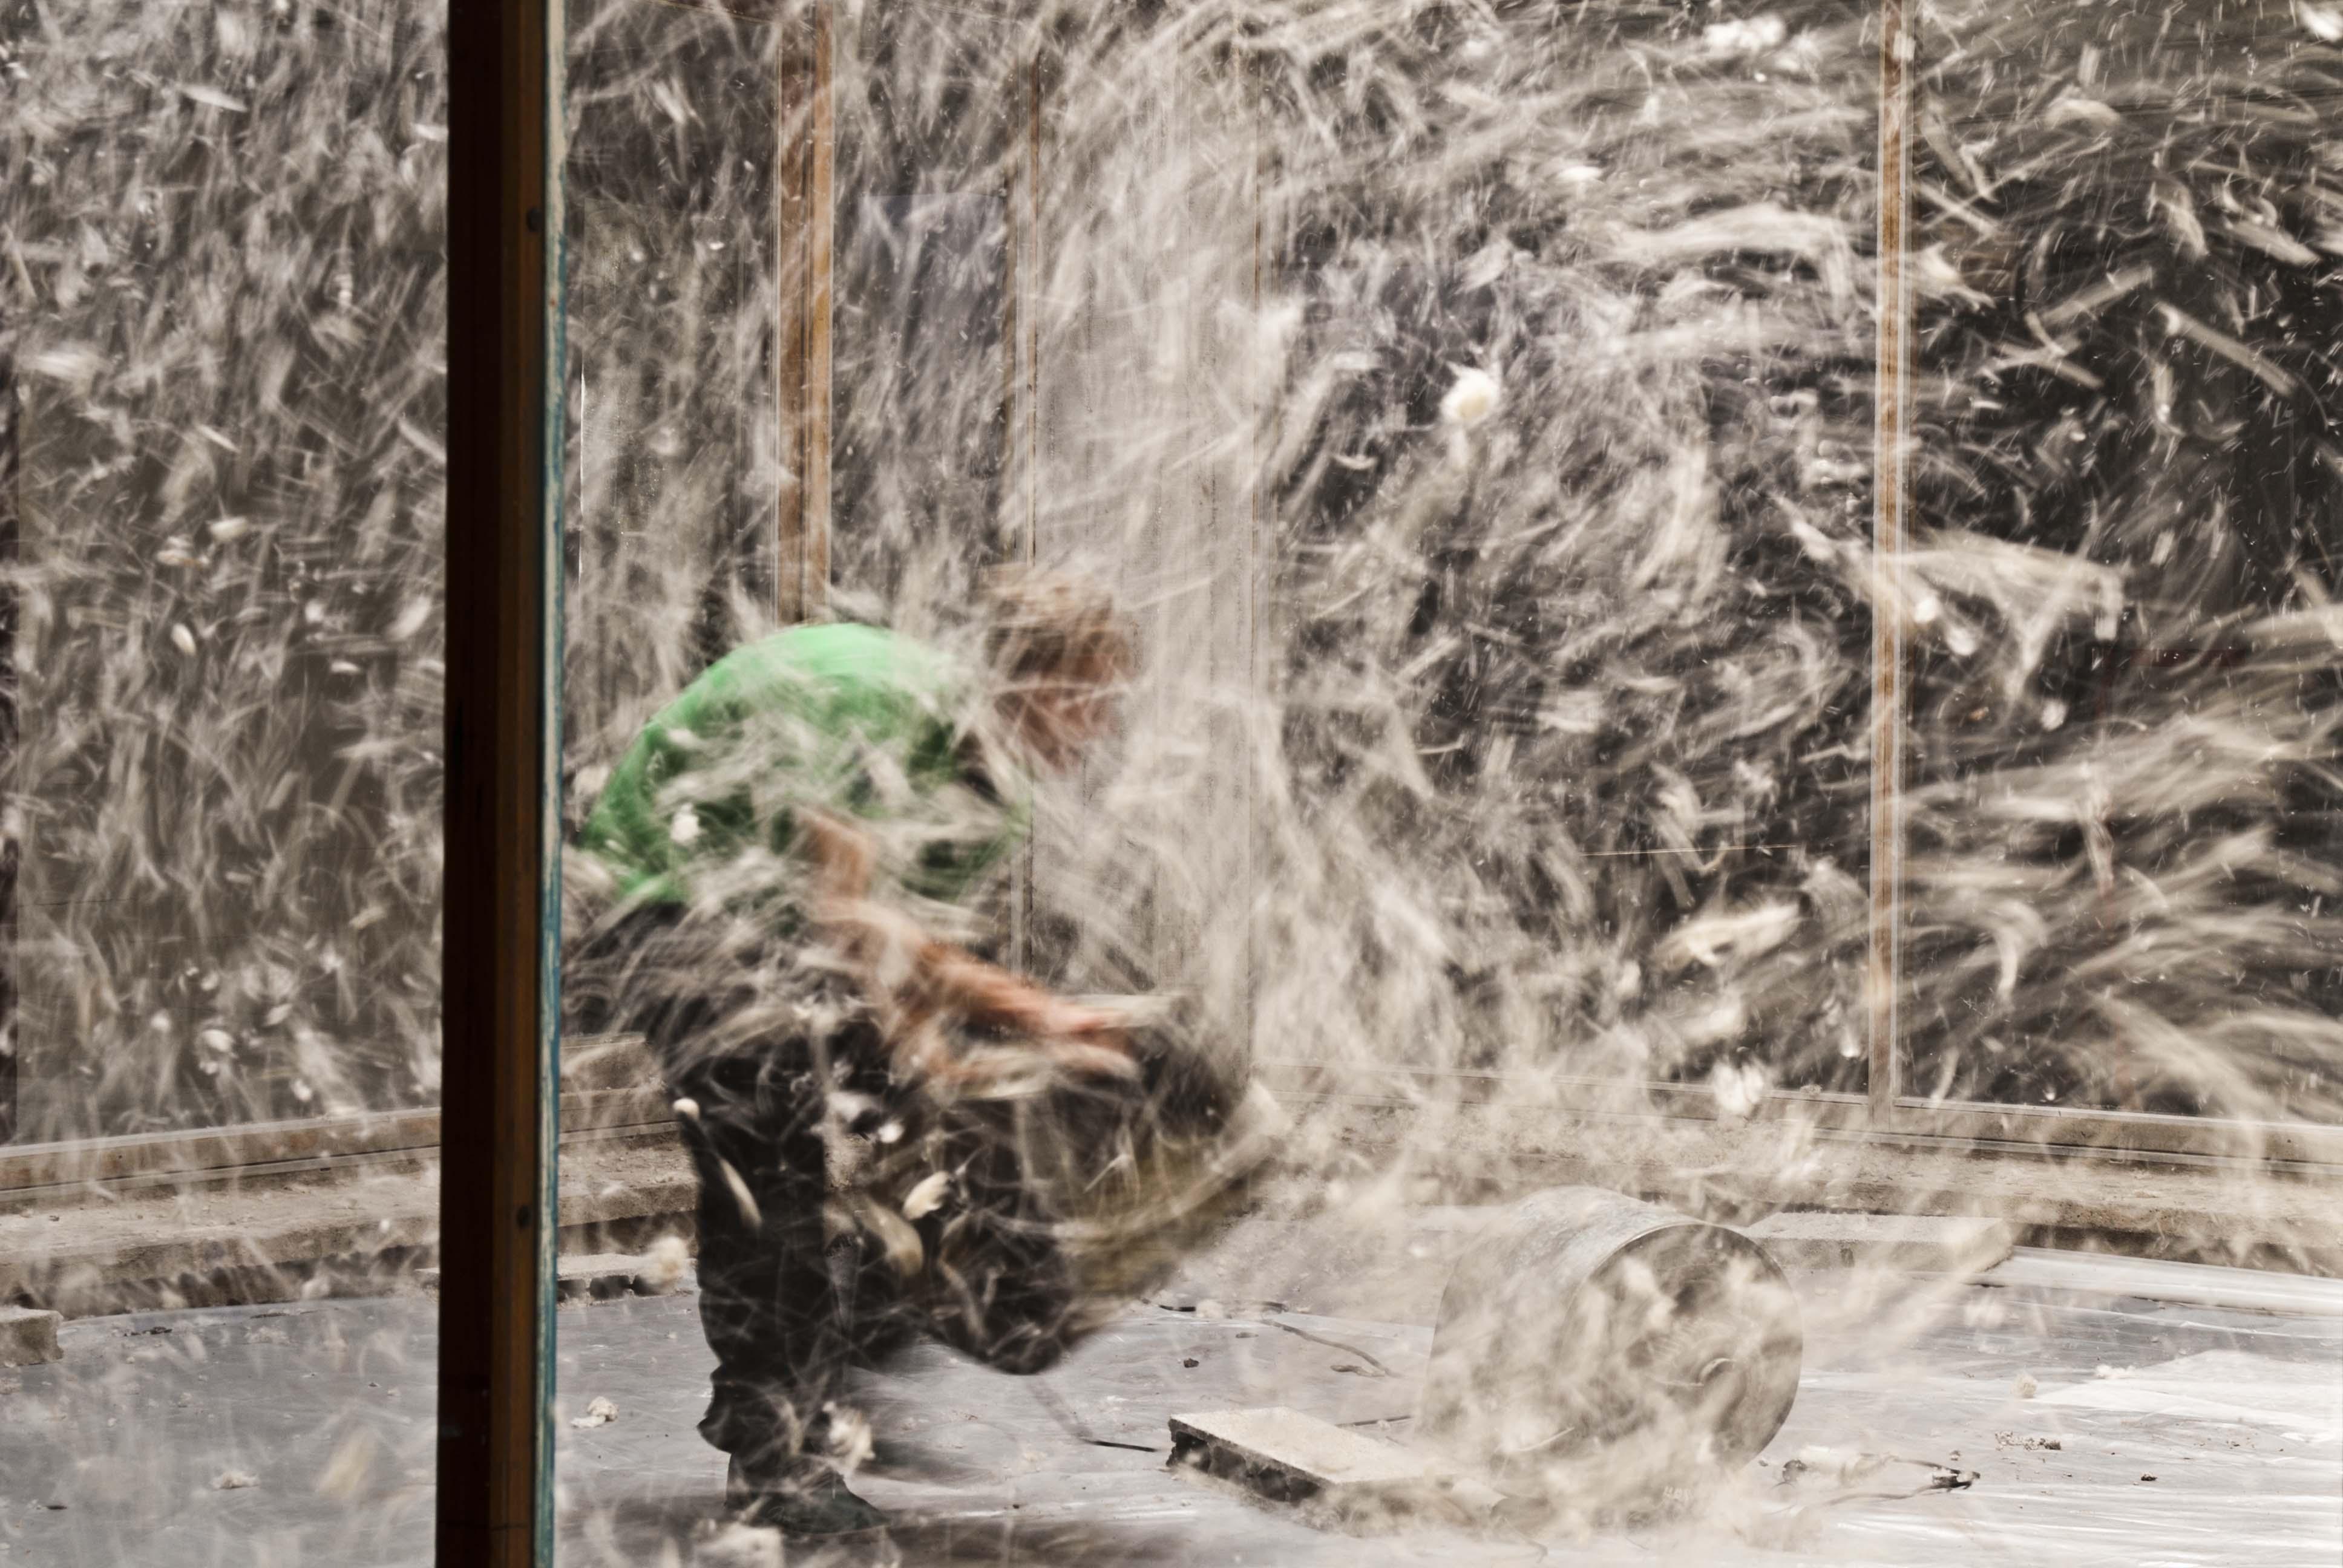 Vivien Roubaud, Pollen de peuplier, soufflerie, centre-trente mètres cubes d'air, deux-cent-vingt volts, 2010 - © Vivien Roubaud / Galerie In Situ - Fabienne Leclerc, Paris